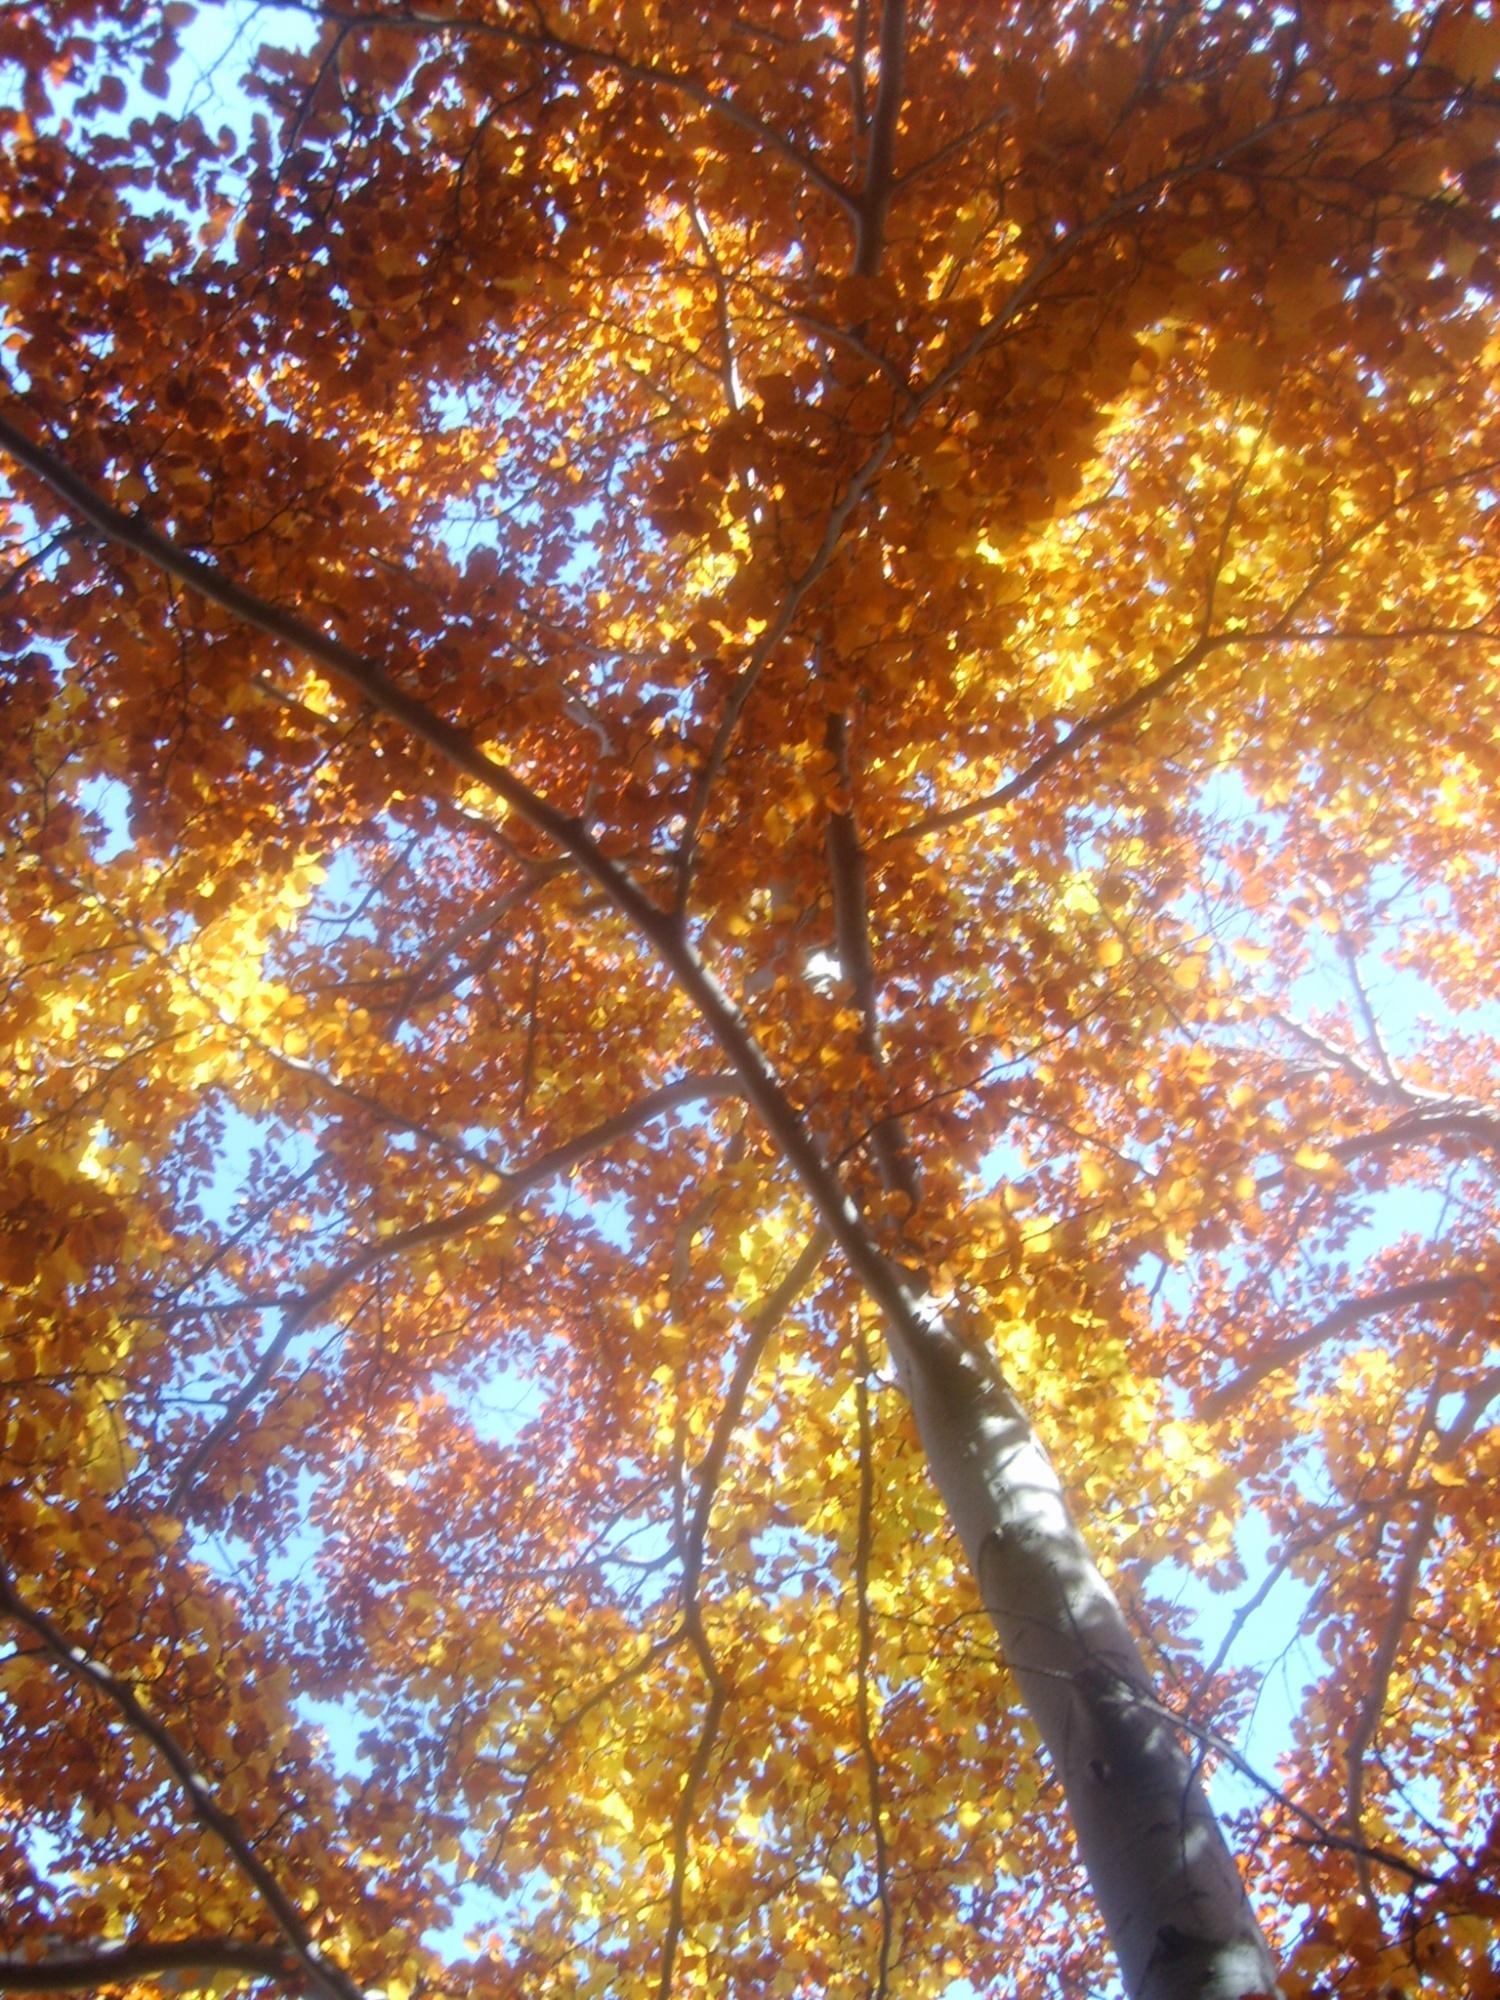 Randonn e etangs de bassi s l 39 automne et ses couleurs randonn es e - L automne et ses couleurs ...